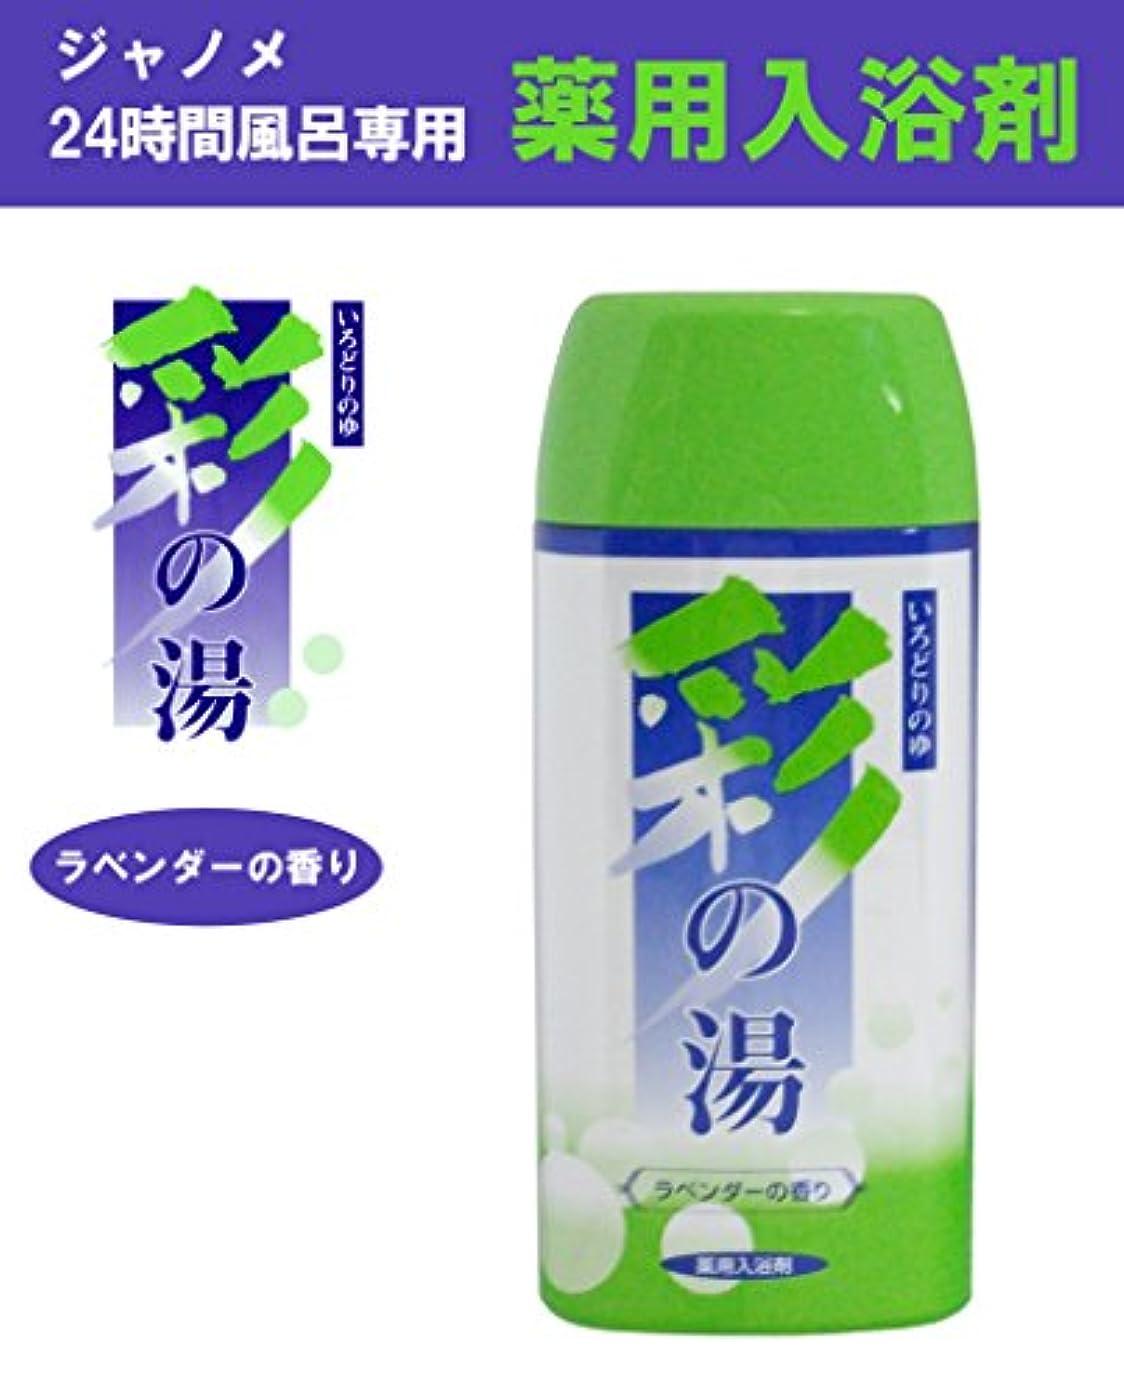 効率的に摩擦免疫ジャノメ 彩の湯 (24時間風呂専用 薬用入浴剤 ラベンダーの香り )